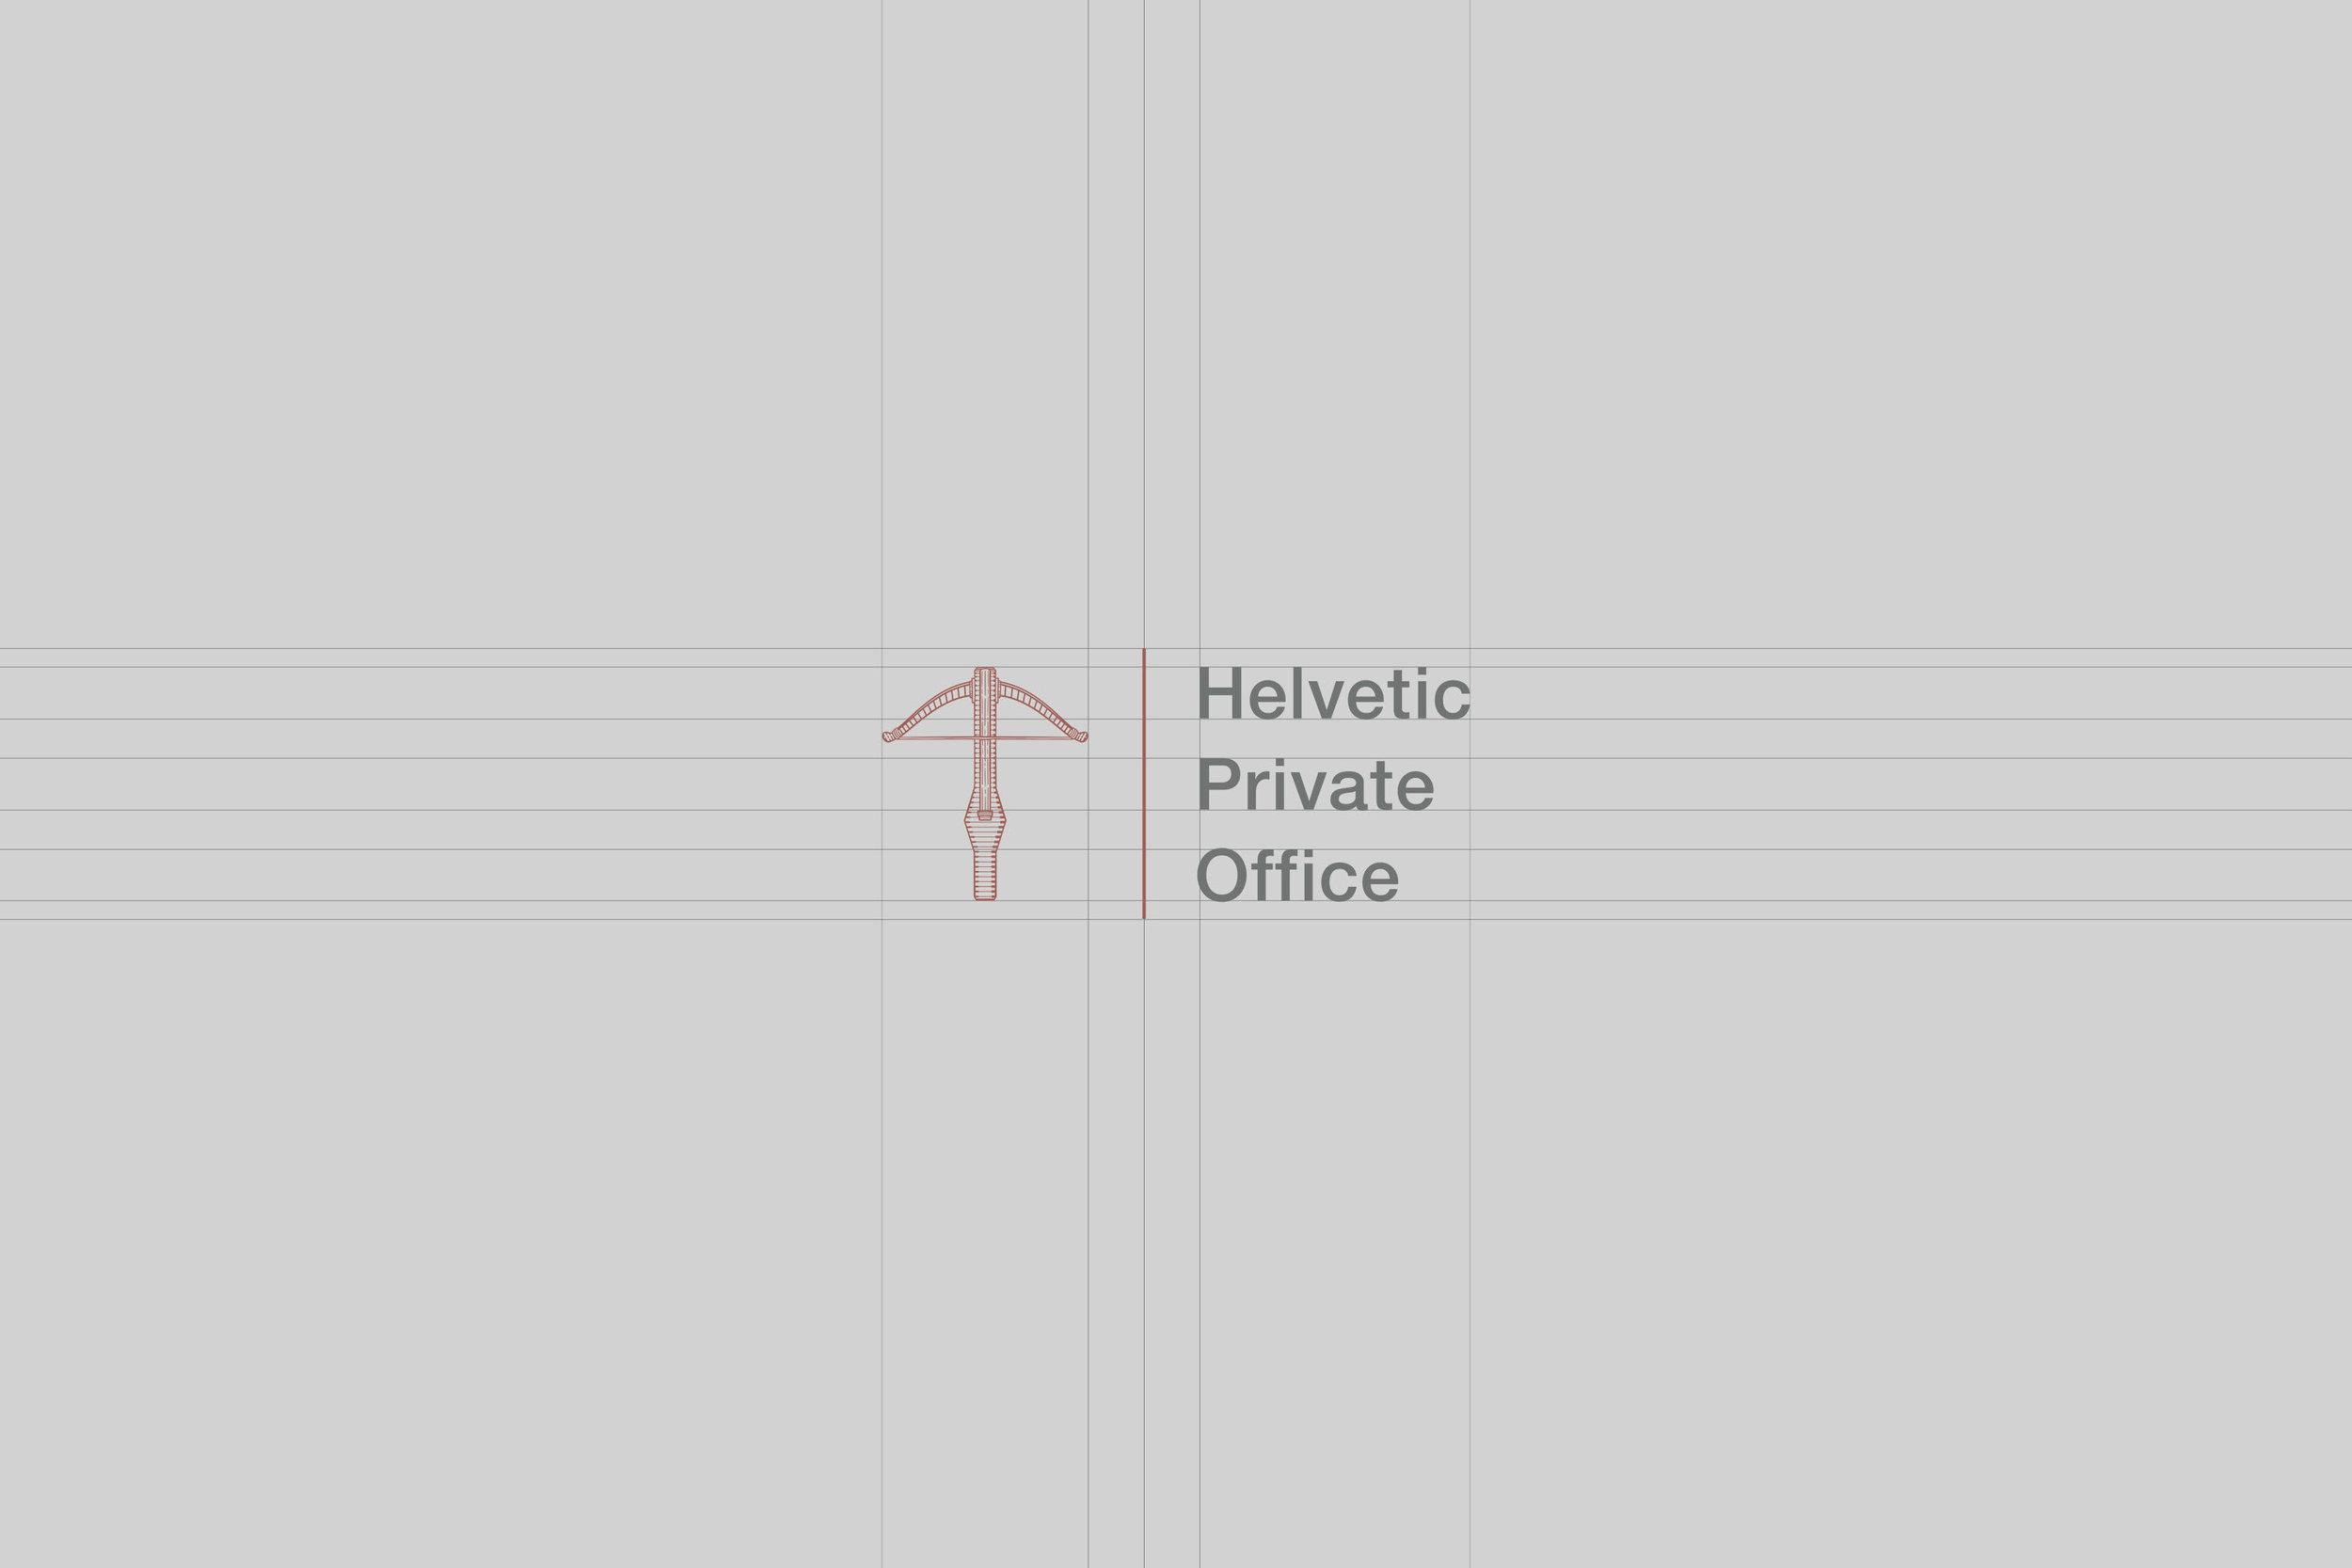 08.-hpo-identity-presentation.jpg